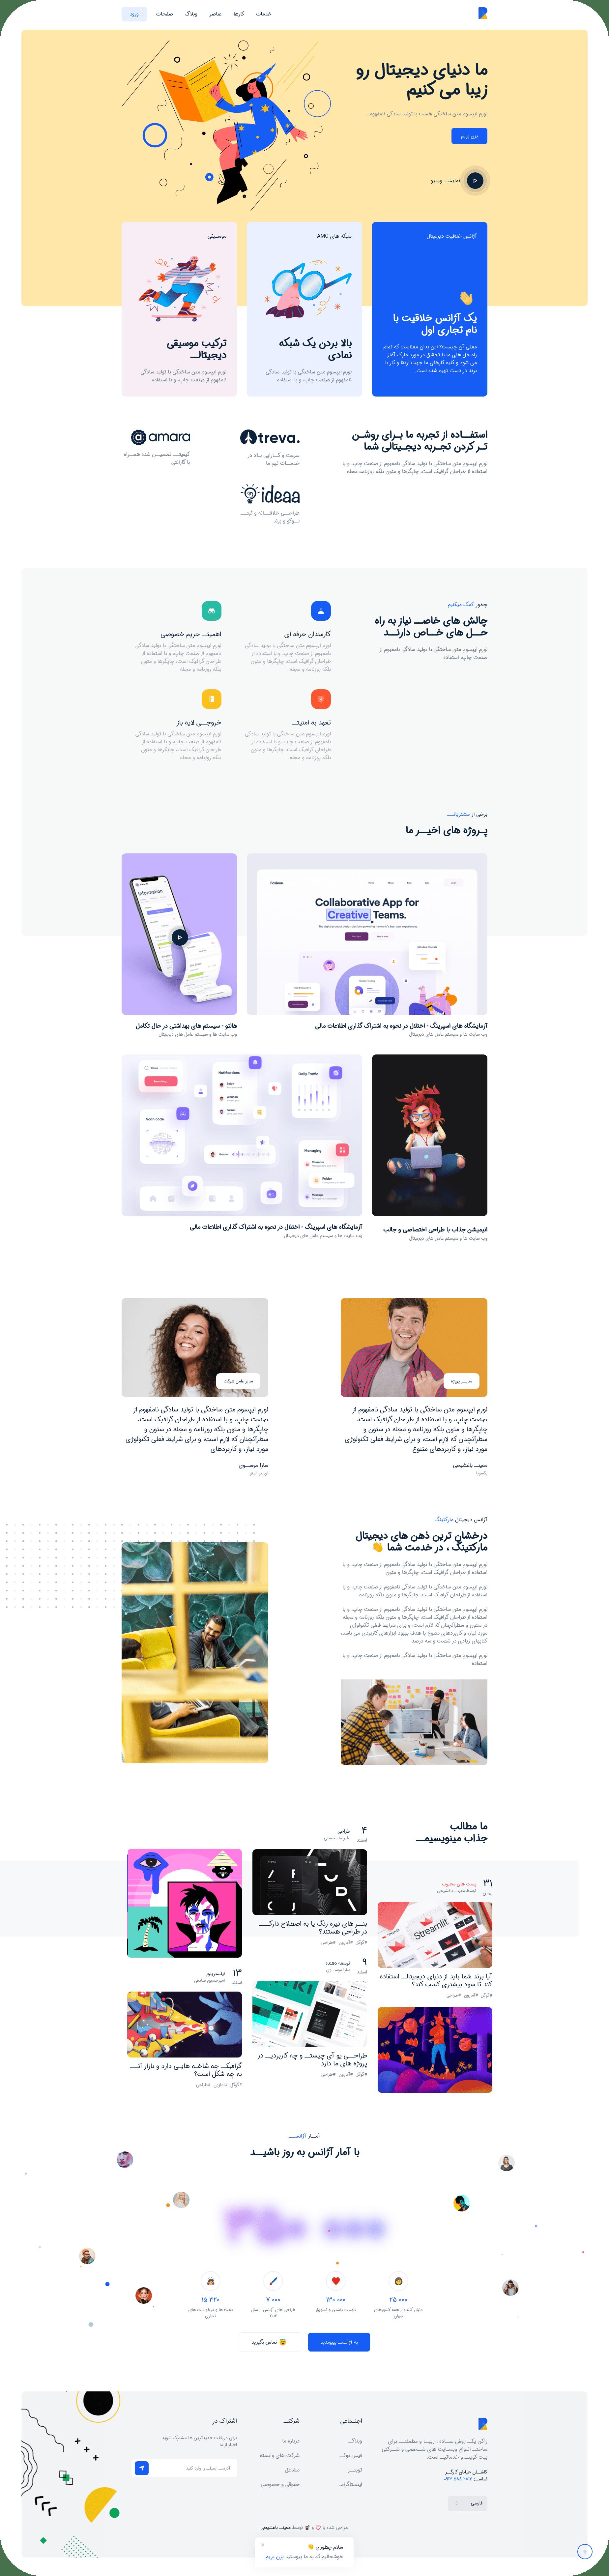 صفحات قالب HTML دیجیتال مارکتینگ راکن